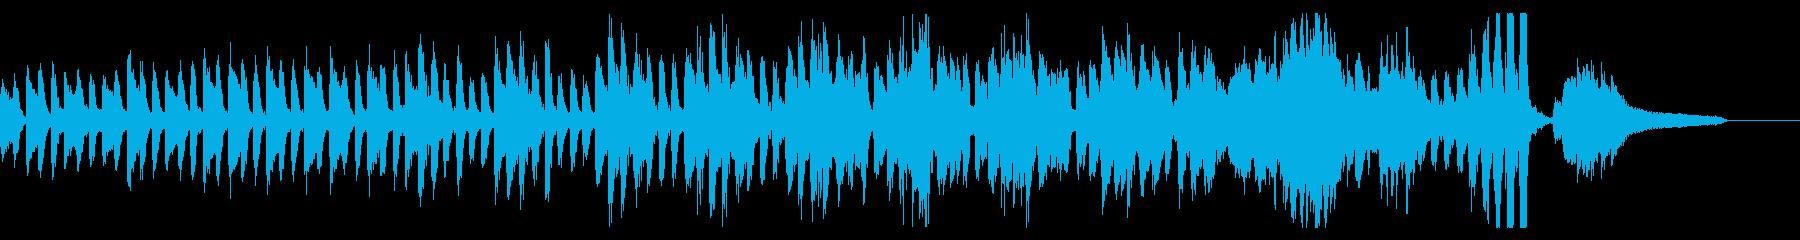 KANT混乱の雰囲気を出すピアノ曲の再生済みの波形